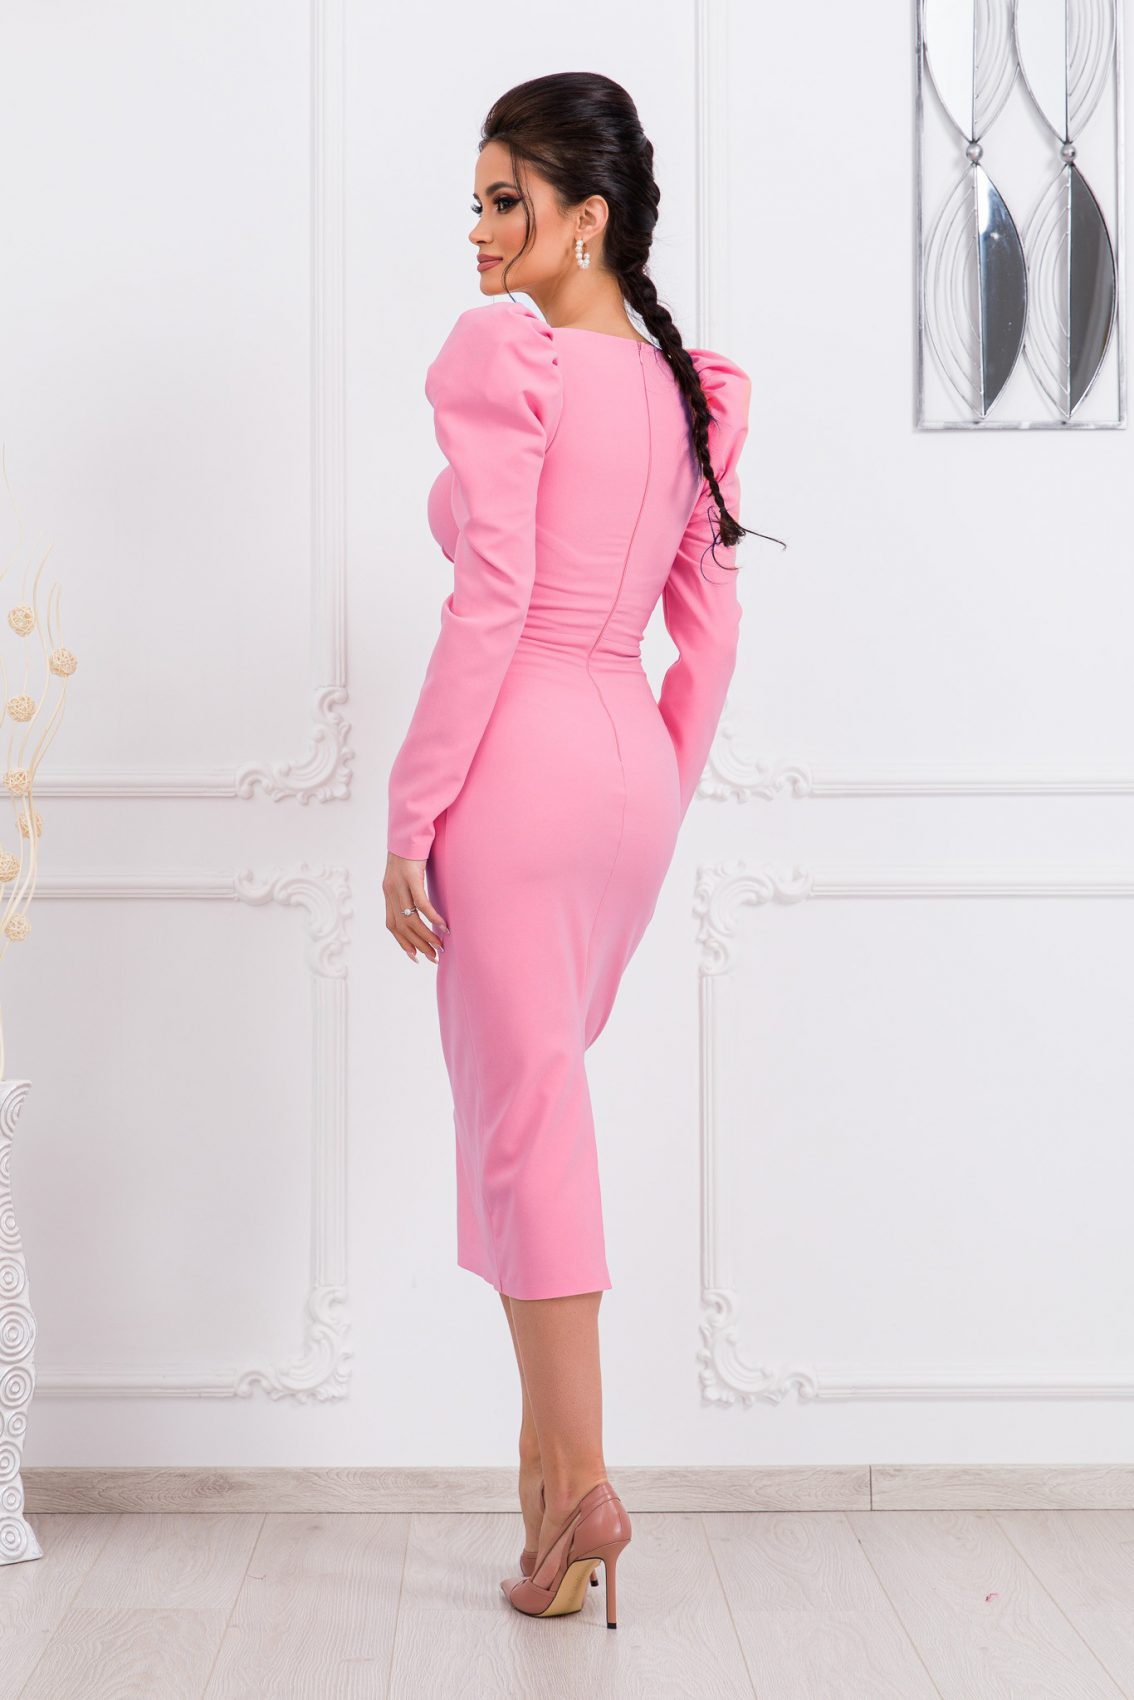 Μίντι Ροζ Φόρεμα Pandora 9794 2